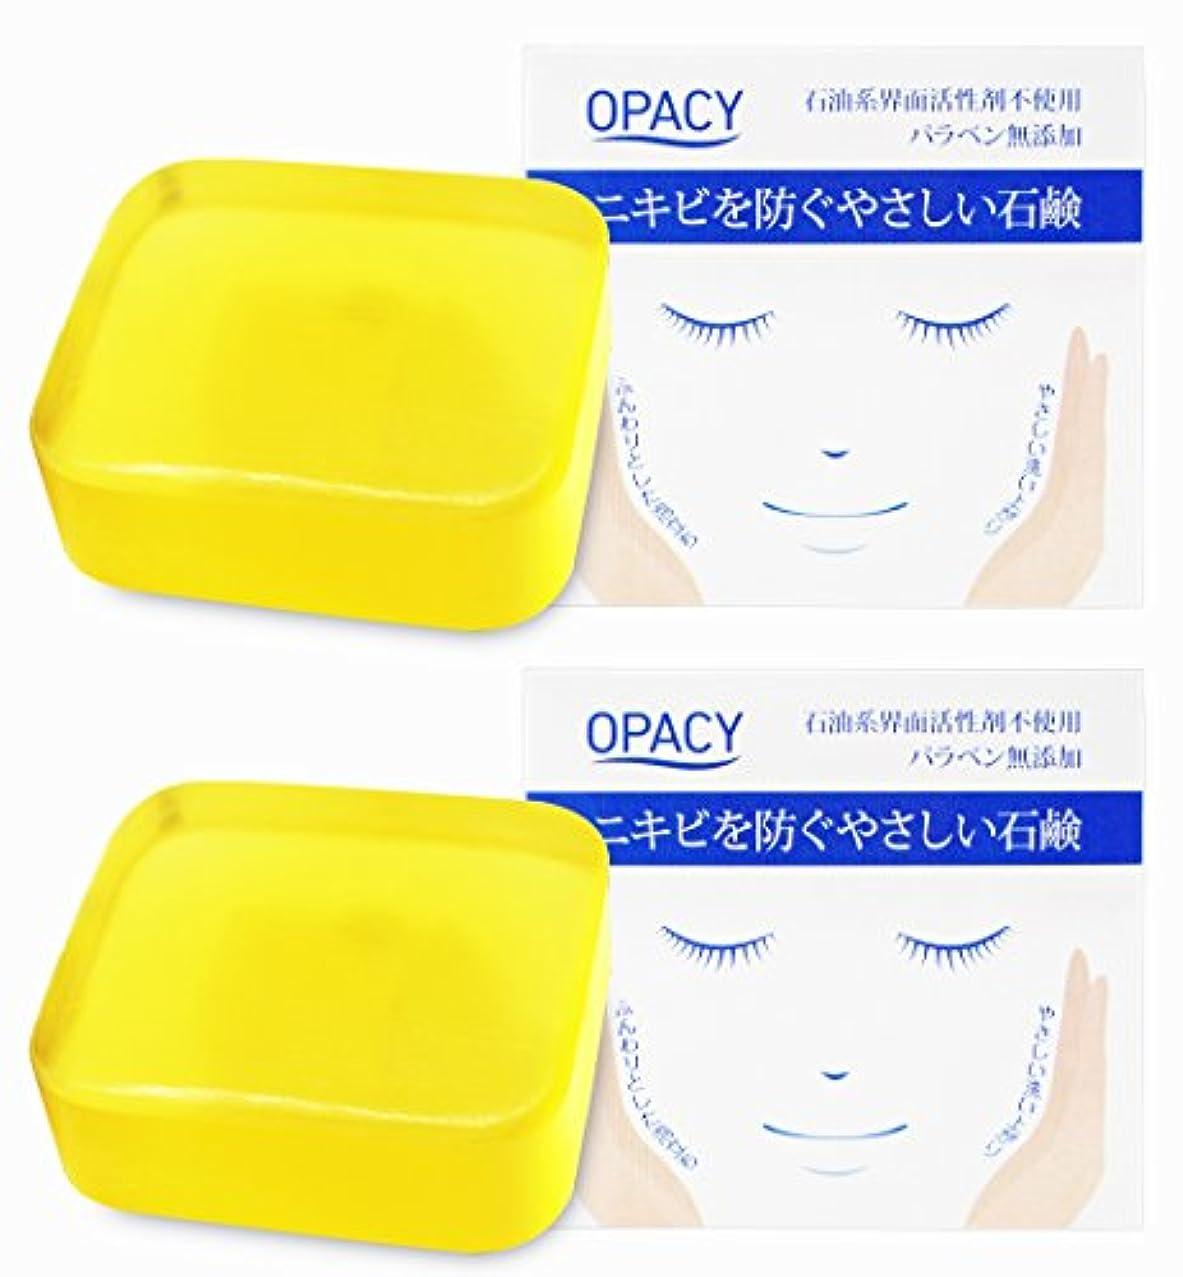 奴隷野心サーマル【2個セット】オパシー石鹸100g (2個)